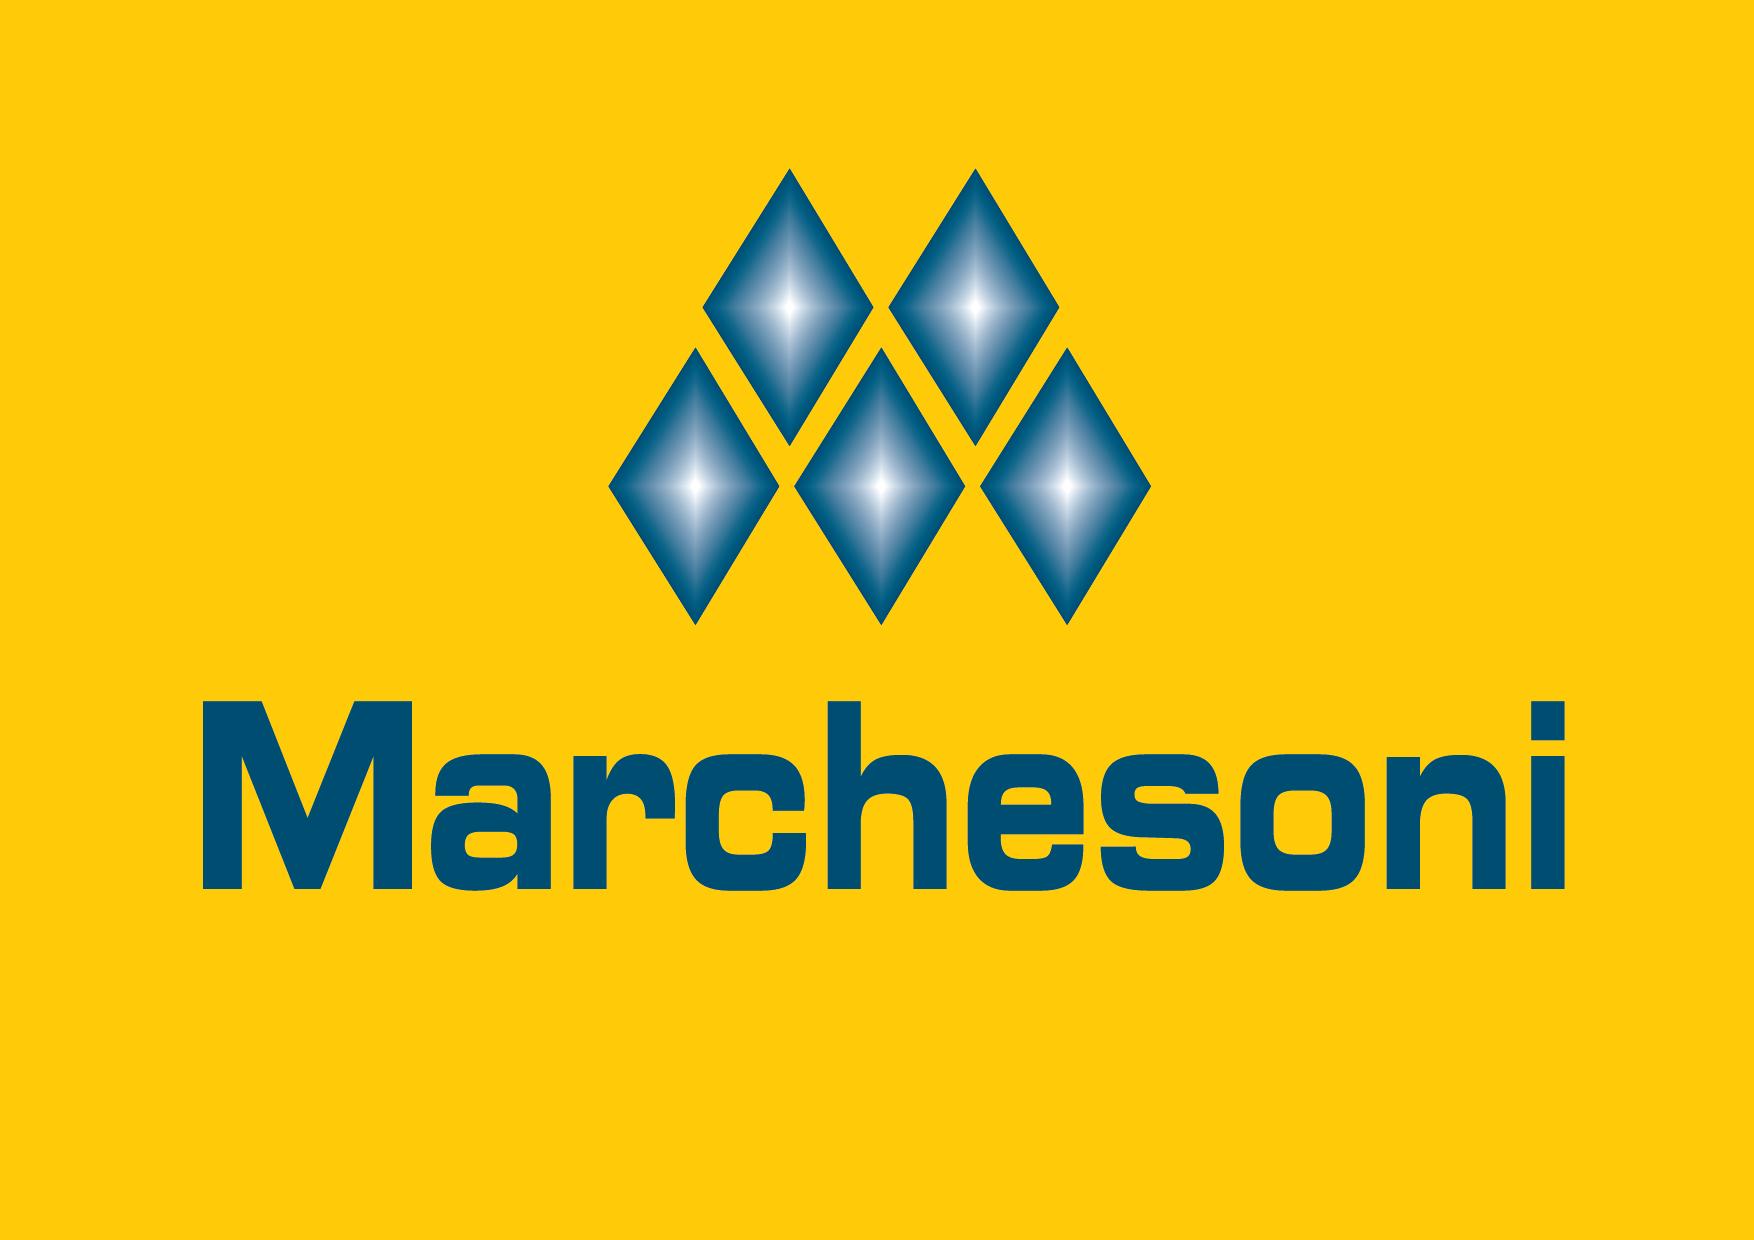 KIT com 5 Torres de Chopp MarcBeer Marchesoni 3,5 Litros - MB2350  - Carmel Equipamentos